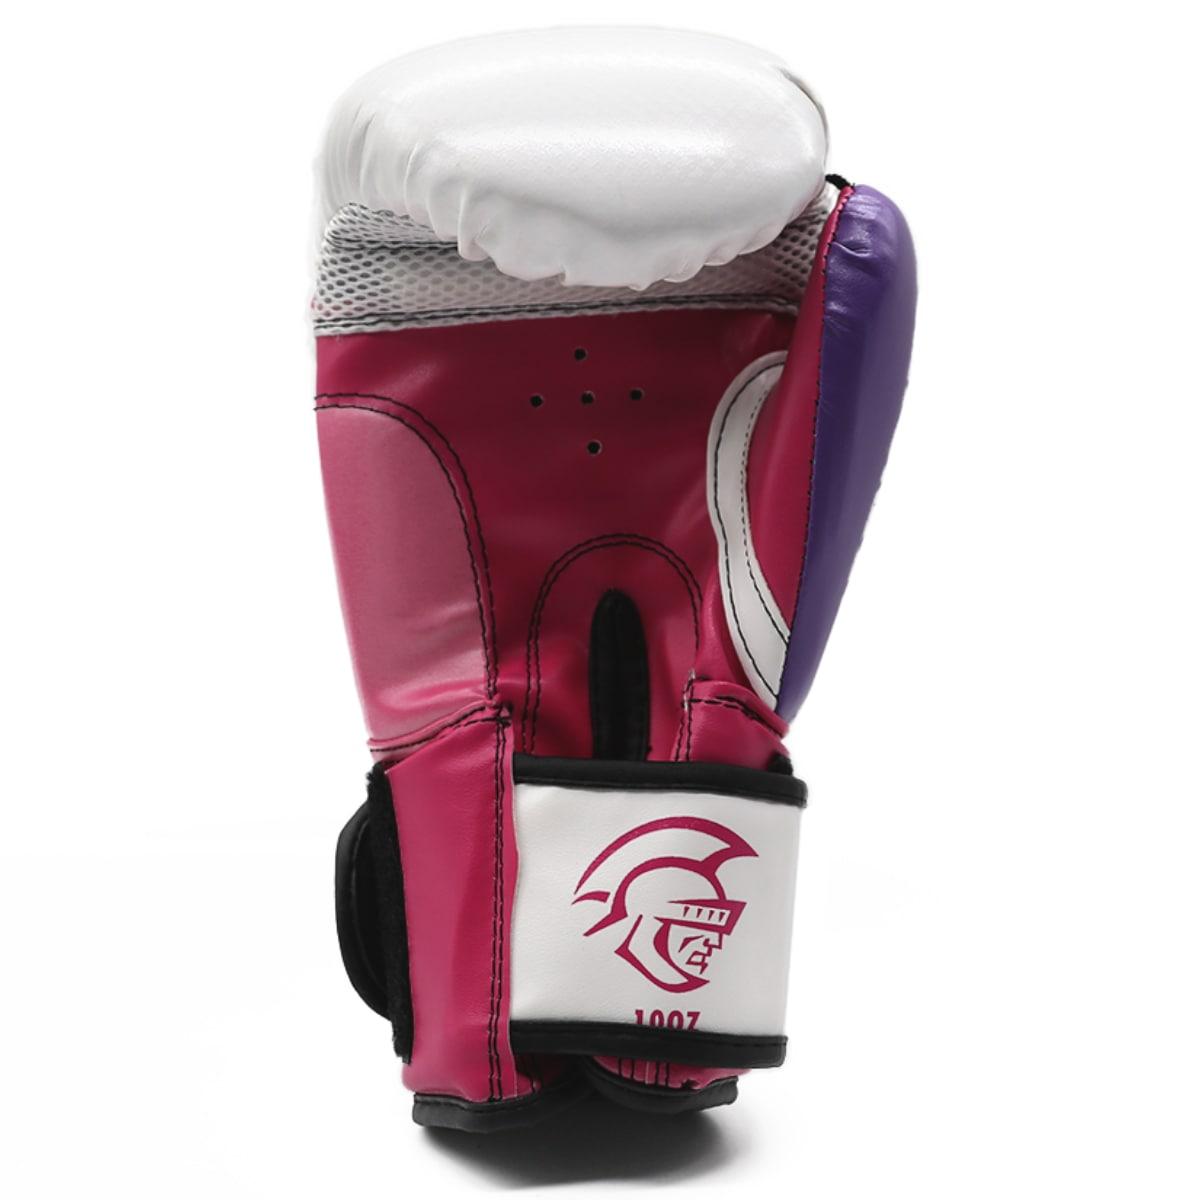 Luva de Boxe Pretorian Elite Training - Branco e Rosa